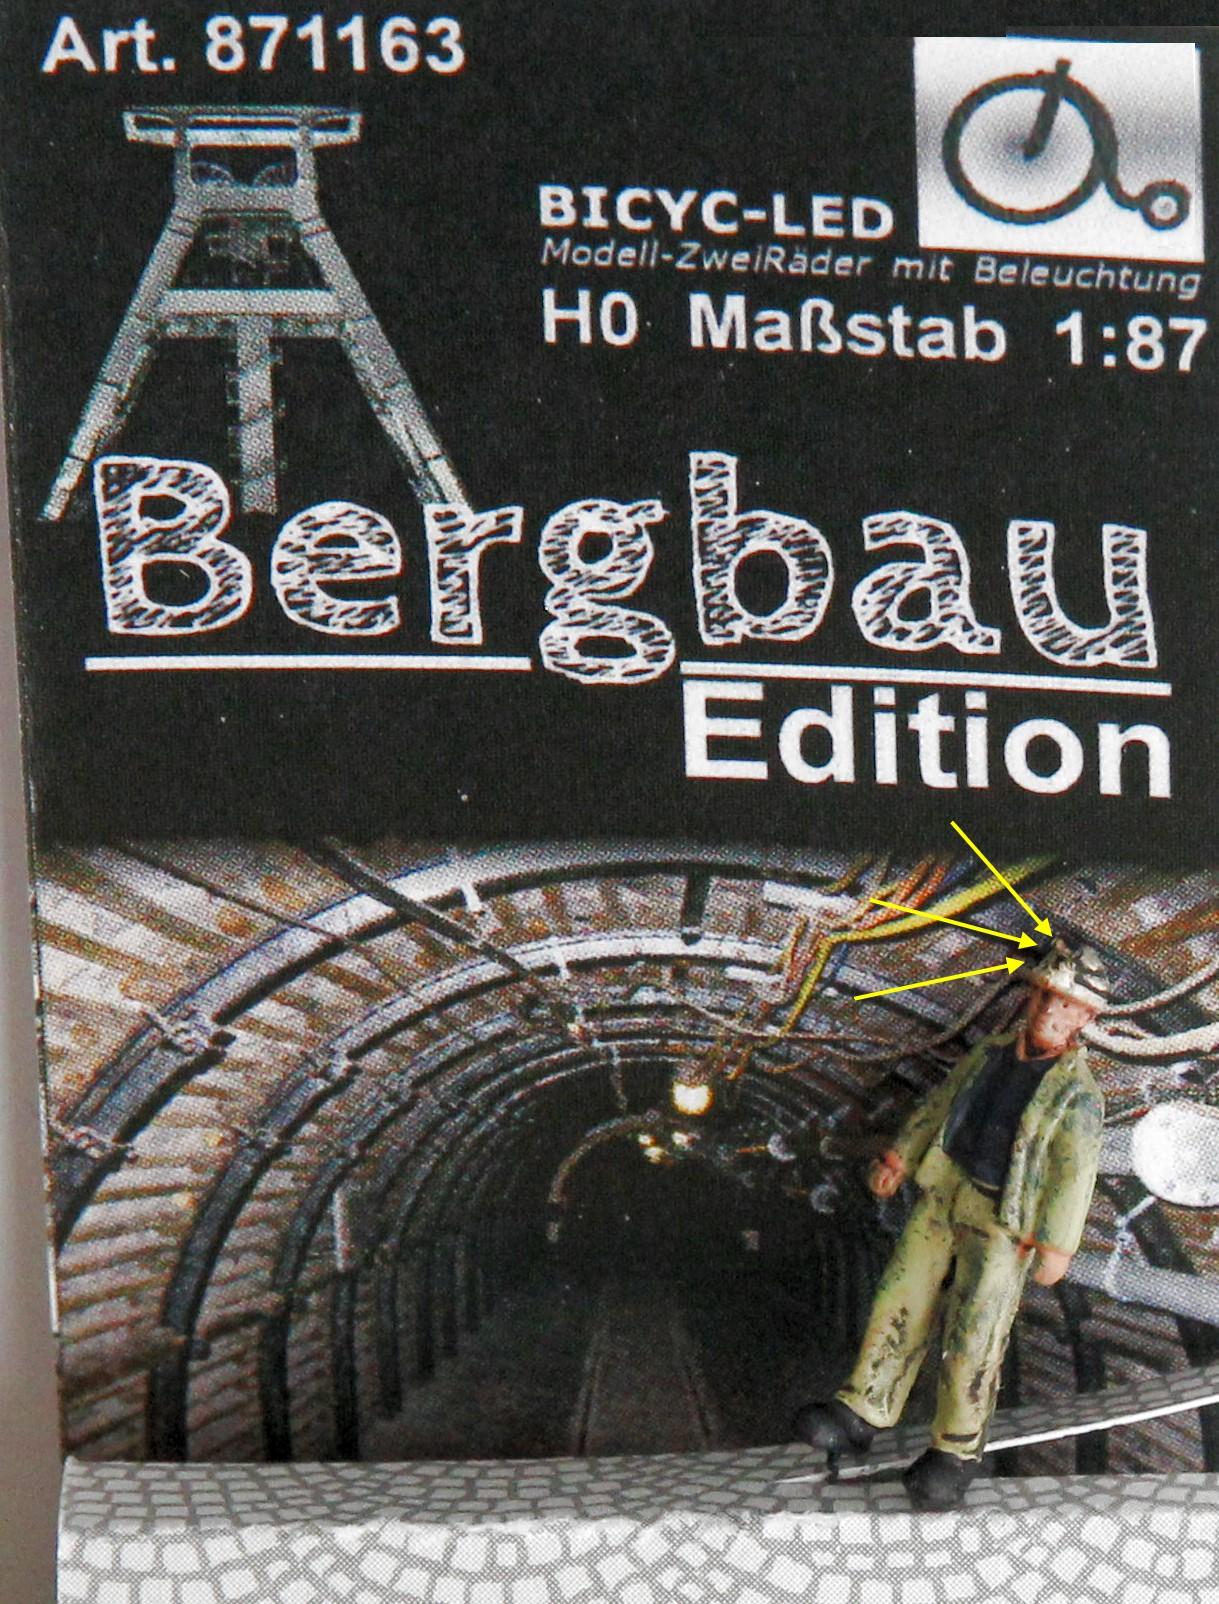 1:87 Bergmann mit Helmlampe stehend, Jacke geöffnet  - Lampe auf dem Helm der Figur beleuchtet by Bicyc-LED